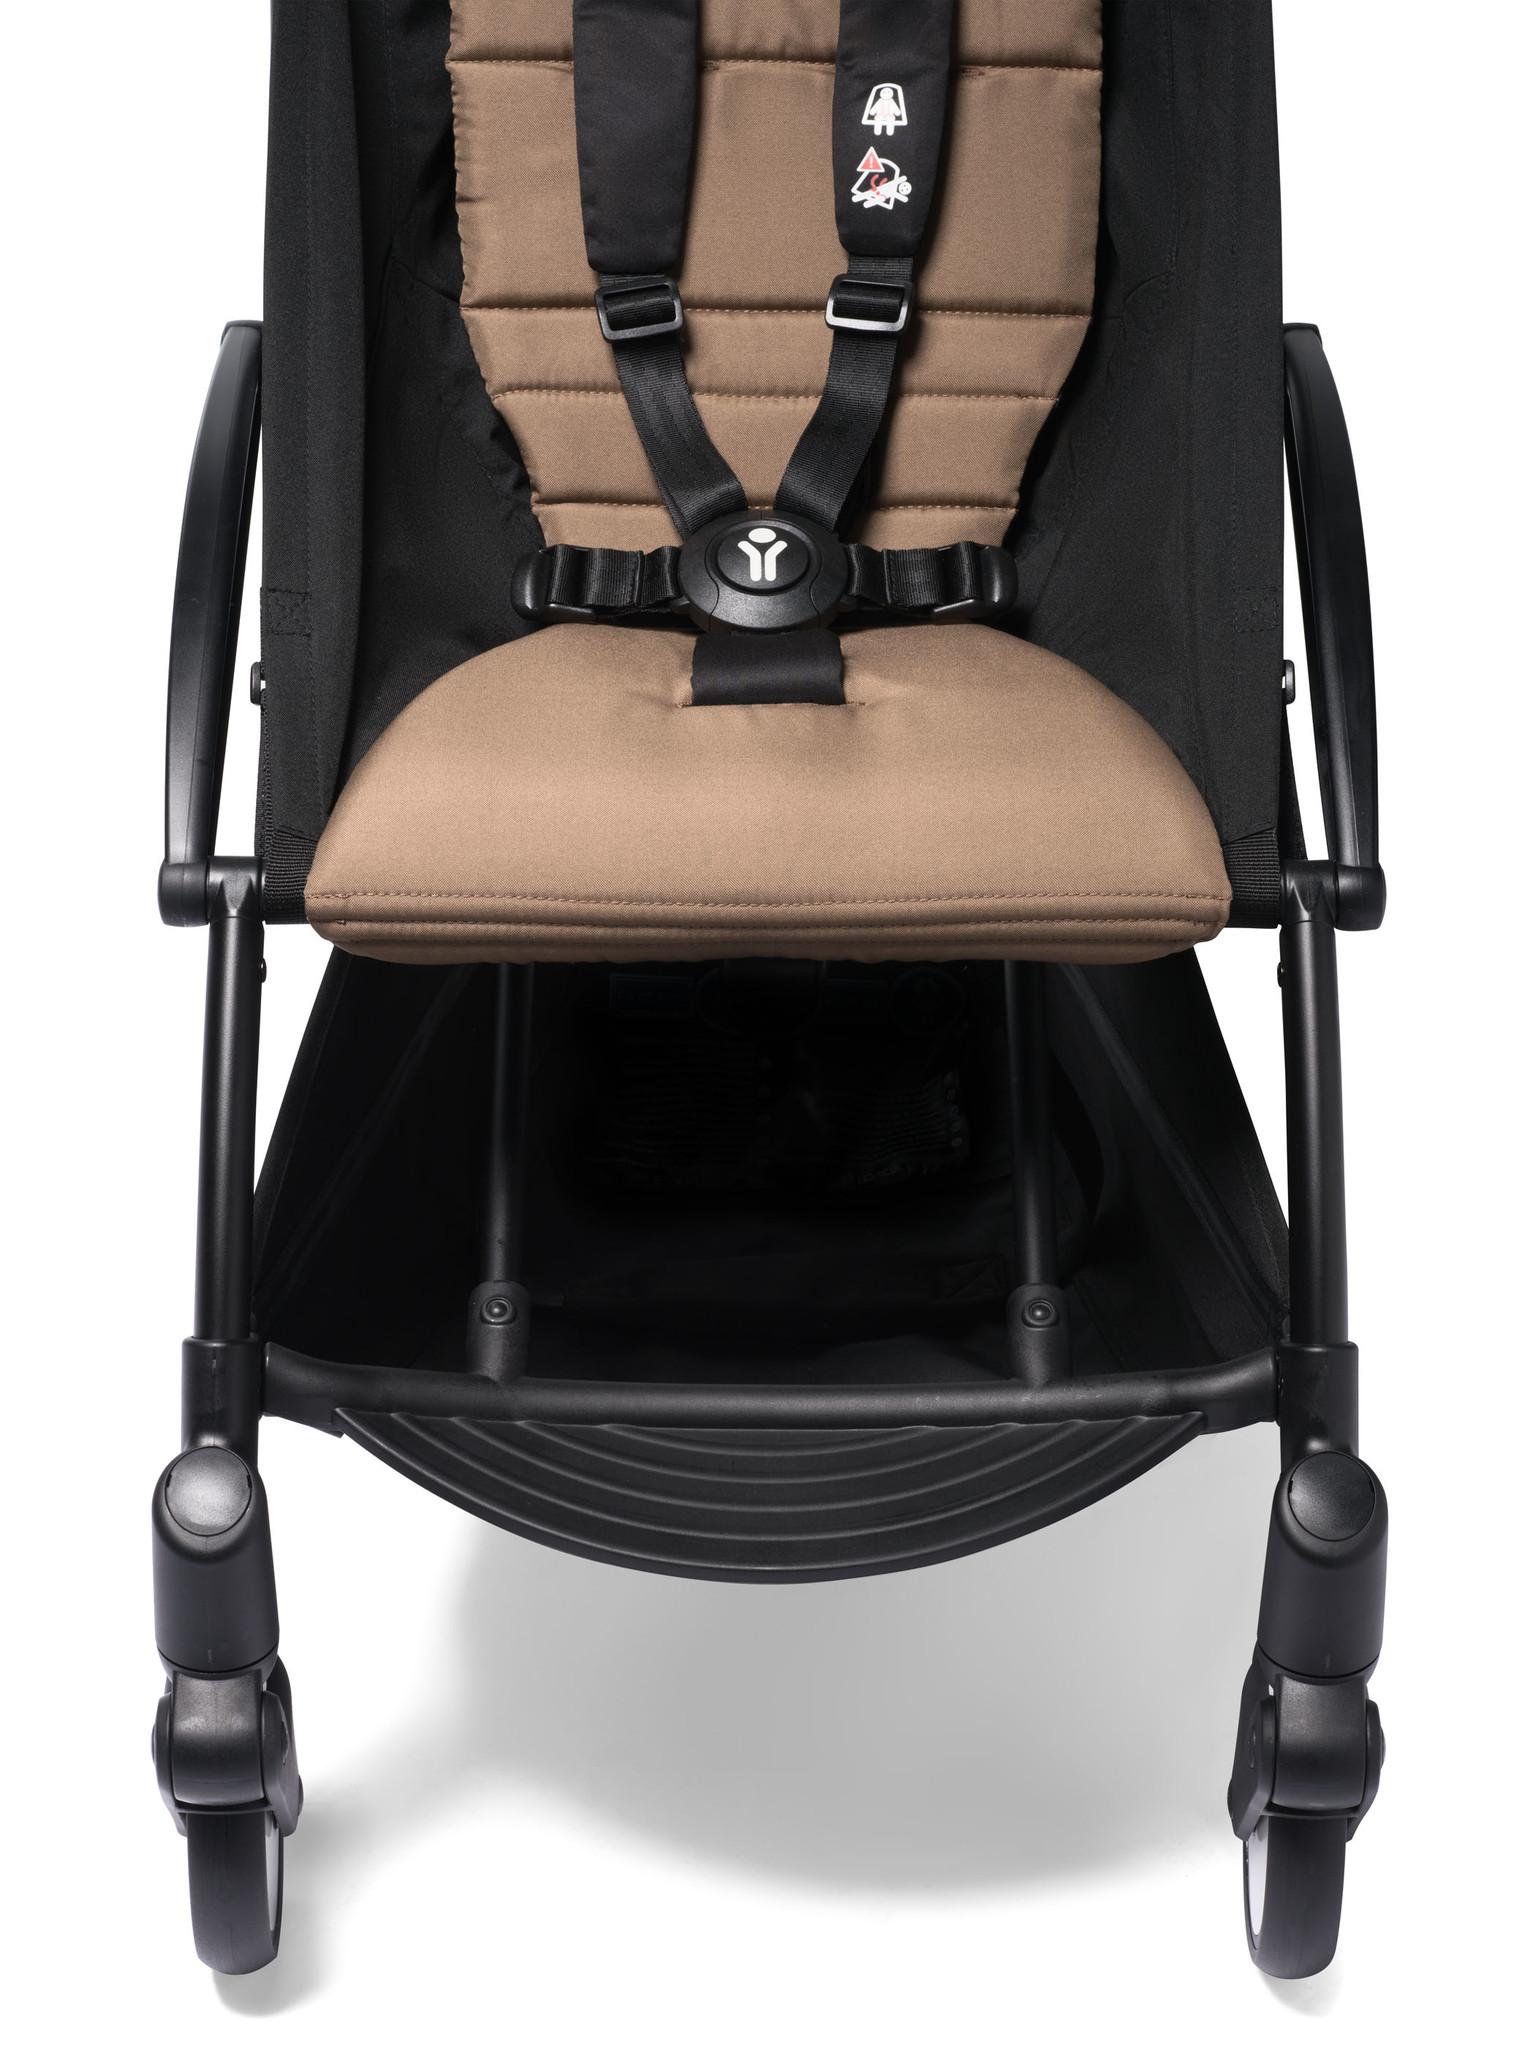 Babyzen Babyzen YOYO² buggy vanaf 6 maanden inclusief beensteun -  toffee met frame zwart